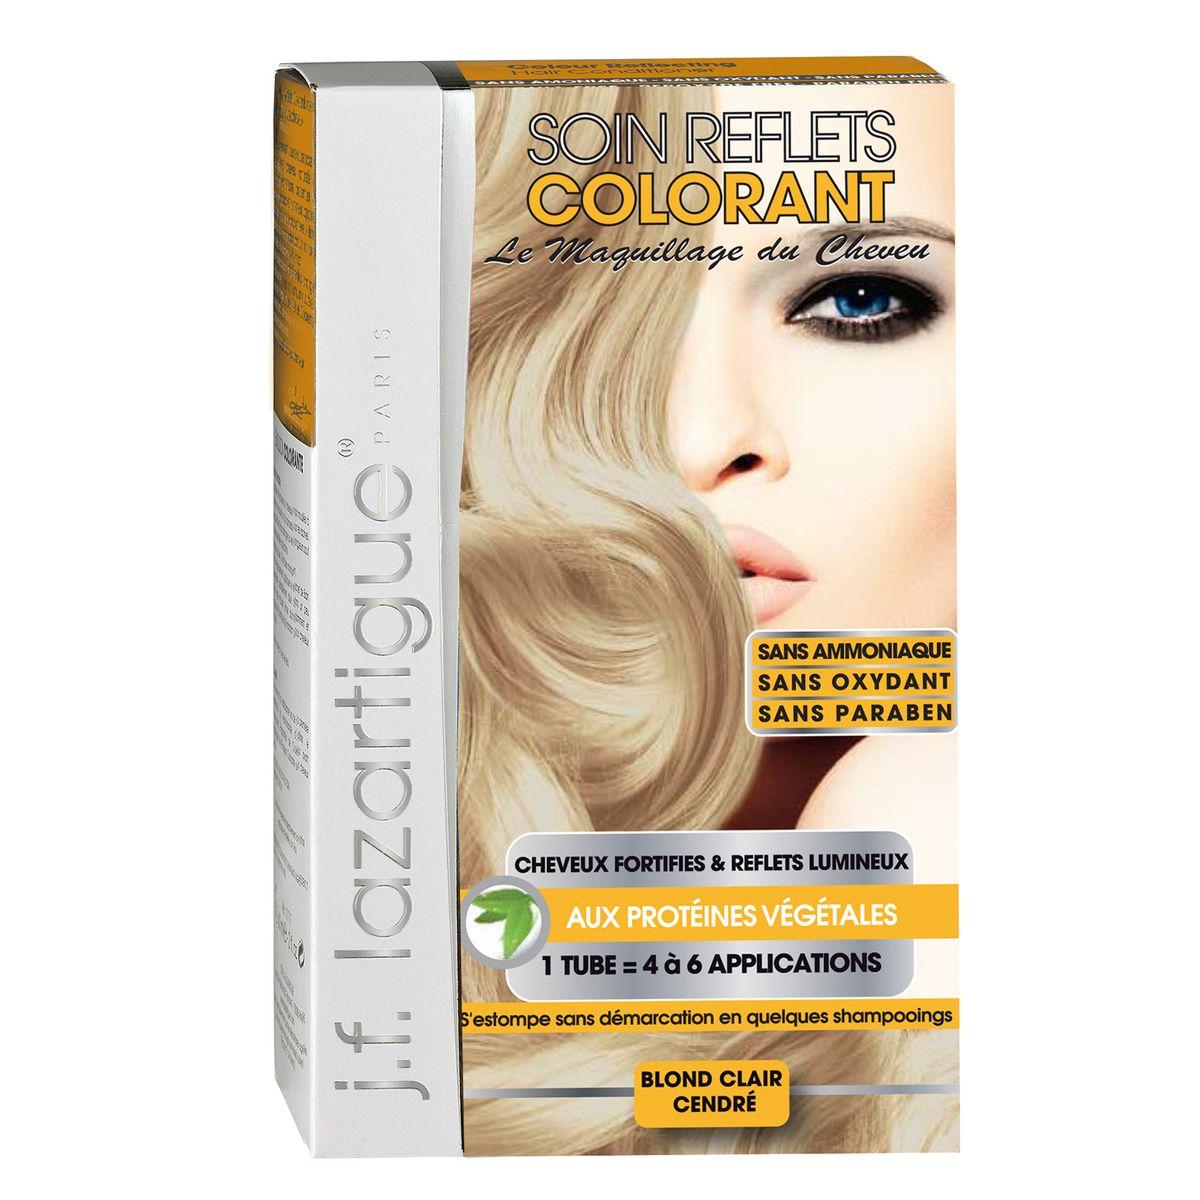 J.F.Lazartigue Оттеночный кондиционер для волос Светло-пепельный блондин 100 мл7135442Оттеночный кондиционер J.F.LAZARTIGUE – это лечебный макияж для Ваших волос. Два эффекта: кондиционирование волос и легкий оттенок. Особенности: придает новый или более теплый (или холодный) оттенок, делает тон темнее или акцентирует цвет, оживляет естественный цвет или придает яркость тусклым и выцветшим на солнце волосам. Закрашивает небольшой процент седины! После мытья волос шампунем (3-6 раз) смывается. Для достижения индивидуального оттенка можно смешать два разных кондиционера: добавить к выбранному ТЕМНЫЙ РЫЖИЙ (Auburn), МЕДНЫЙ (Copper) и т.п. Не осветляет волосы. Не содержит аммиака и перекиси водорода. Не содержит парабенов. Не предназначен для окрашивания бровей и ресниц.